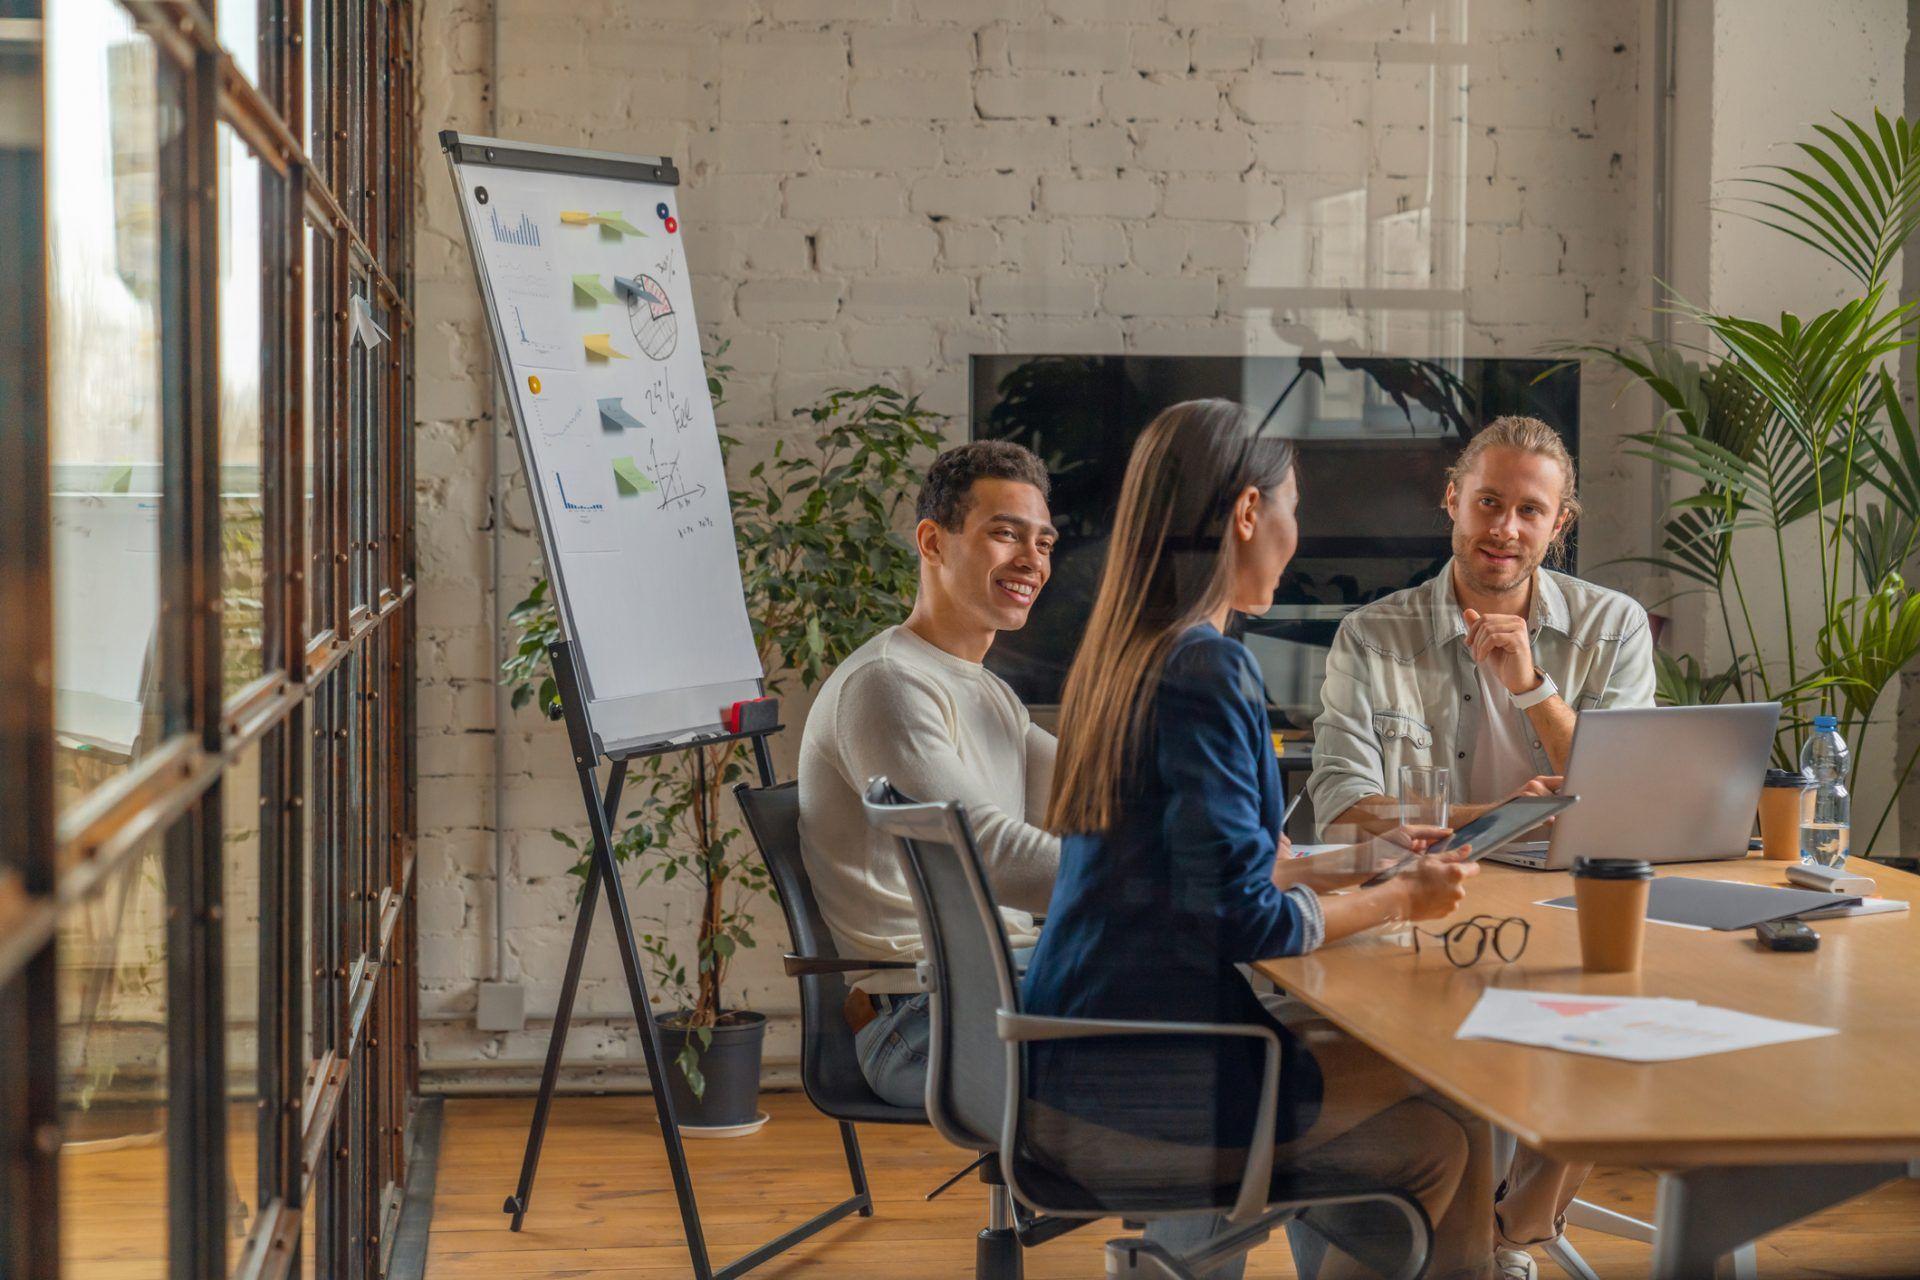 Inteligencia emocional: un elemento fundamental dentro de una empresa